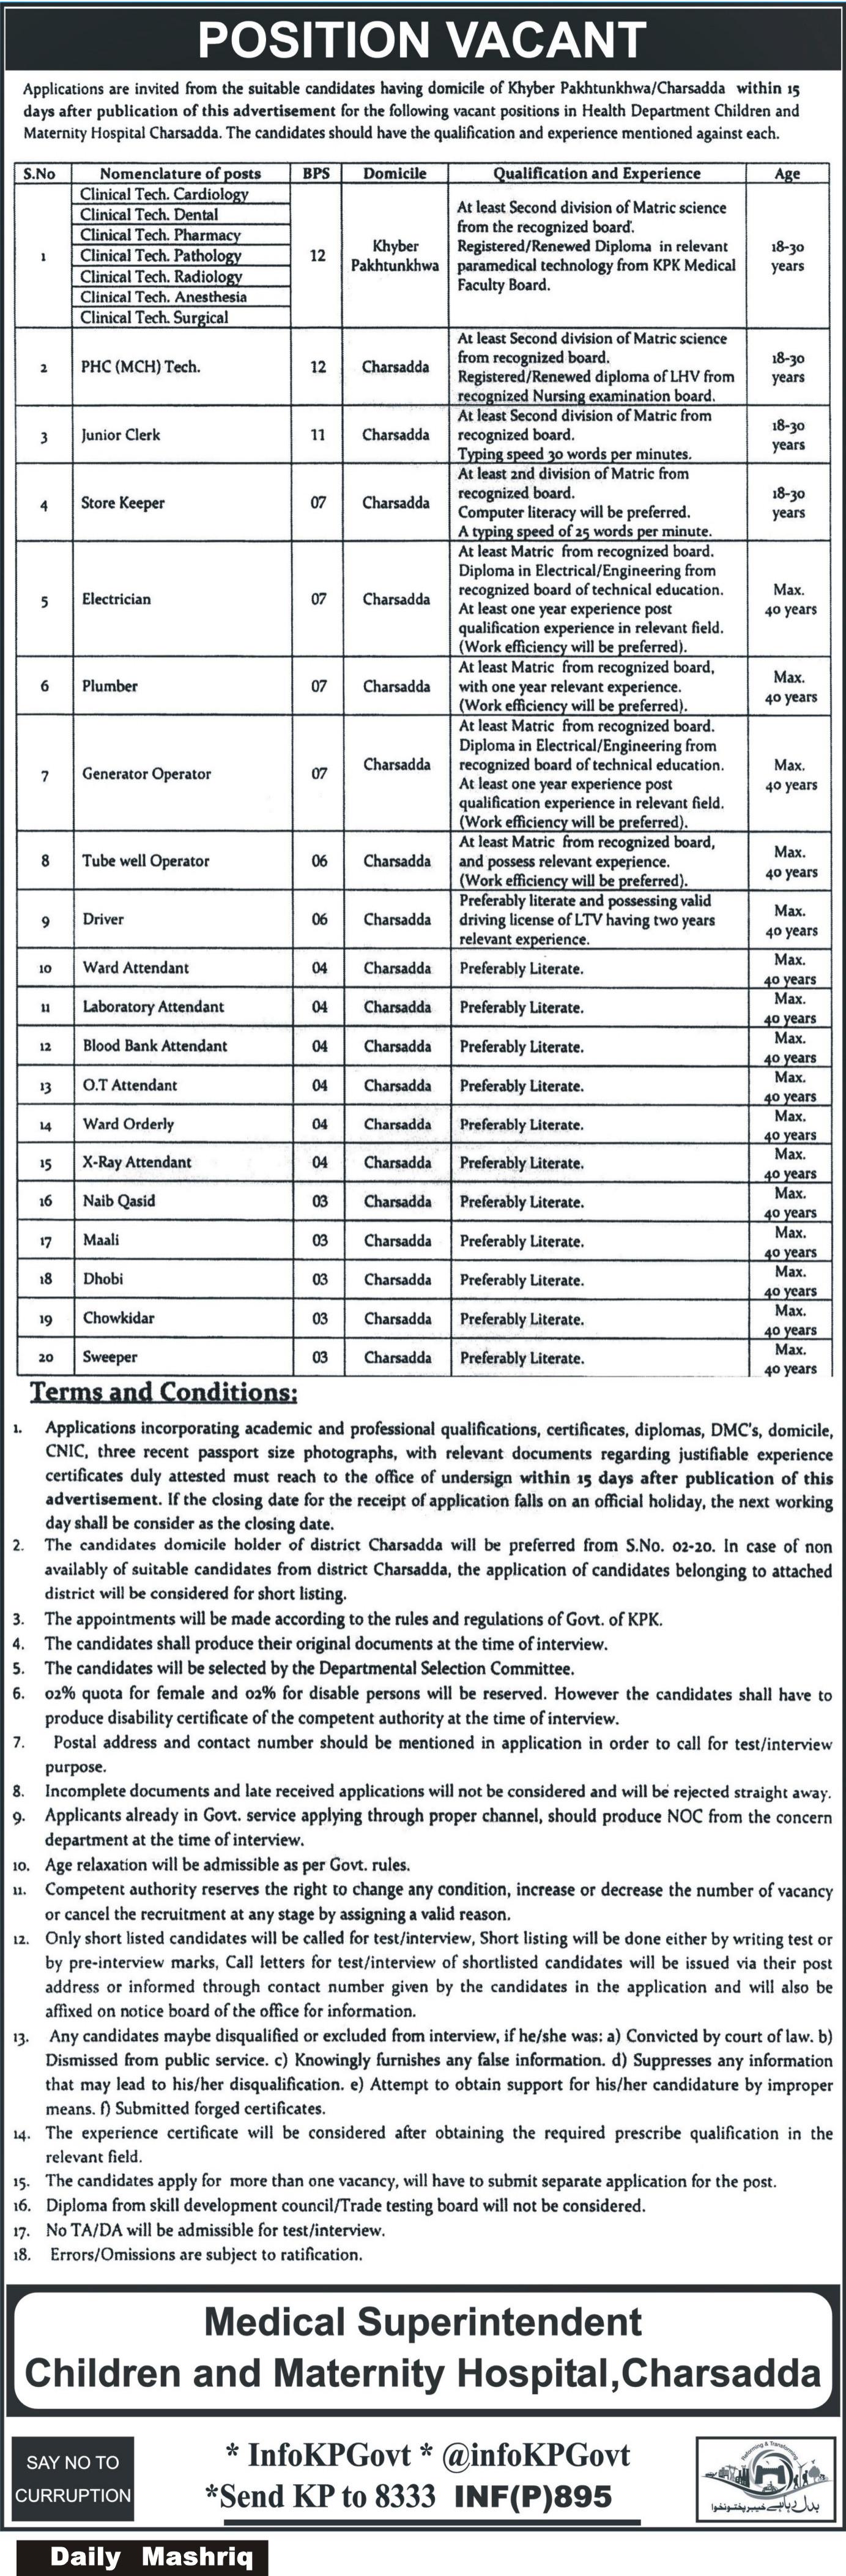 Children & Maternity Hospital Charsadda Latest jobs 23rd February 2018 Daily Mashriq Newspaper